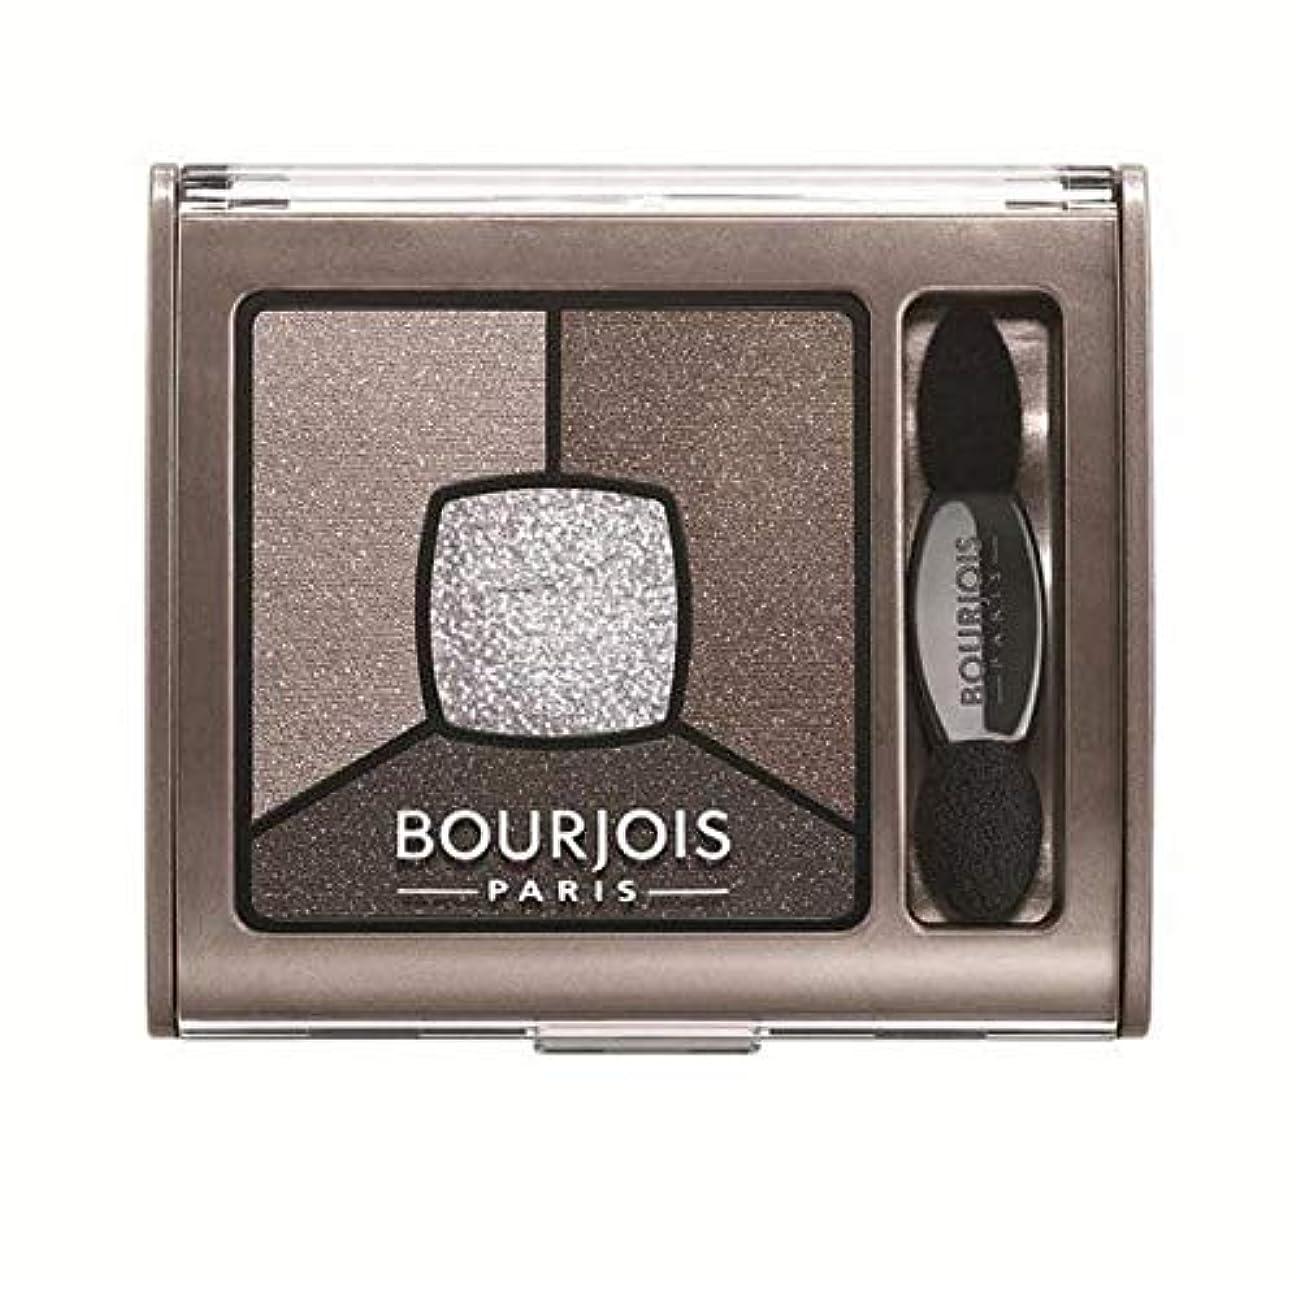 賢明な報奨金オプション[Bourjois ] ヌード良いブルジョワクワッドスモーキー話のアイシャドウパレット - Bourjois Quad Smoky Stories Eyeshadow Palette Good Nude [並行輸入品]